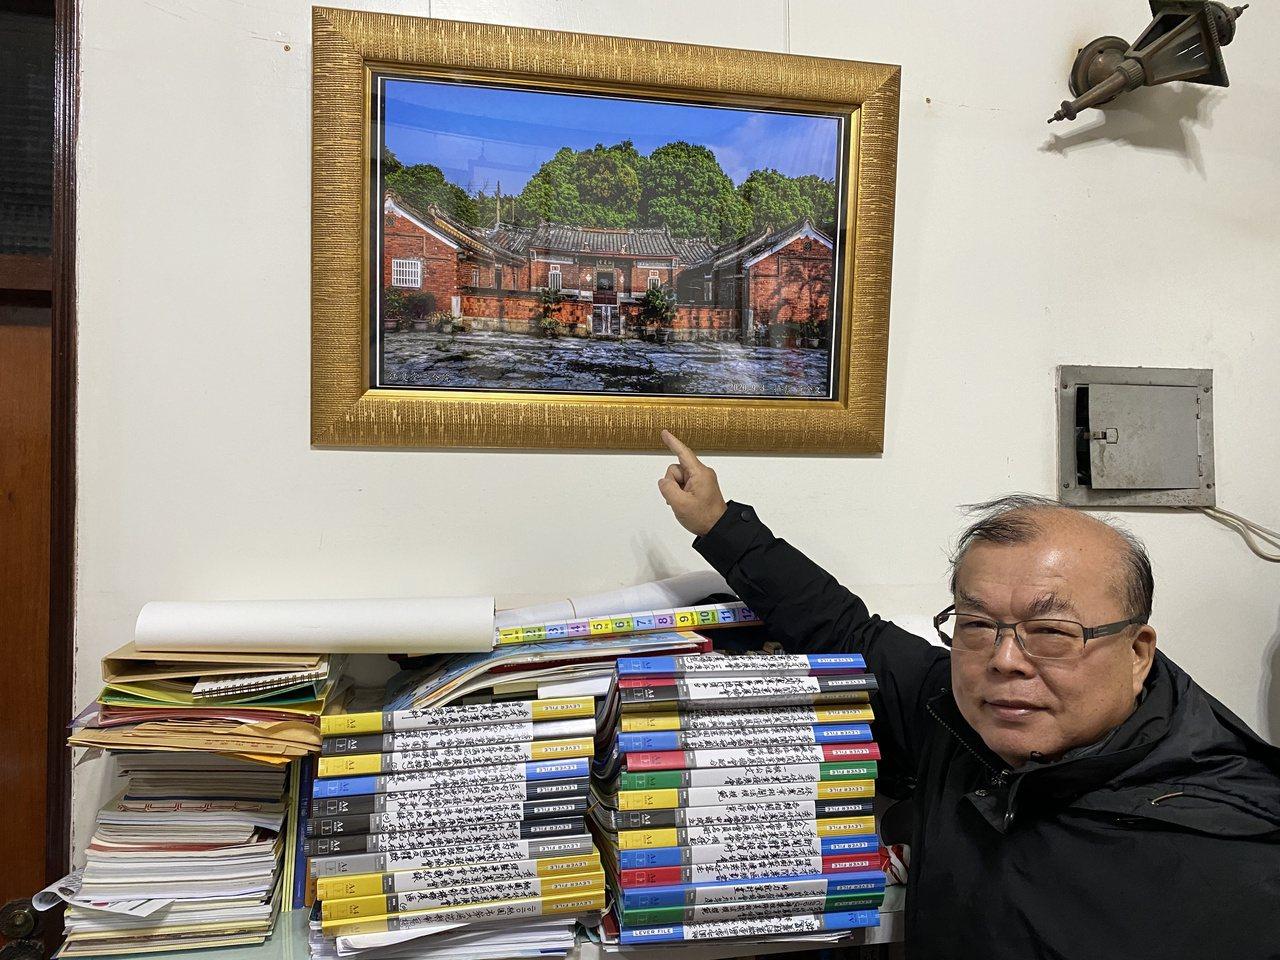 黃耀祿家中企畫書堆疊成山。牆上掛著祖厝「泉水窩江夏堂」的畫作。 圖/高宇震 攝影